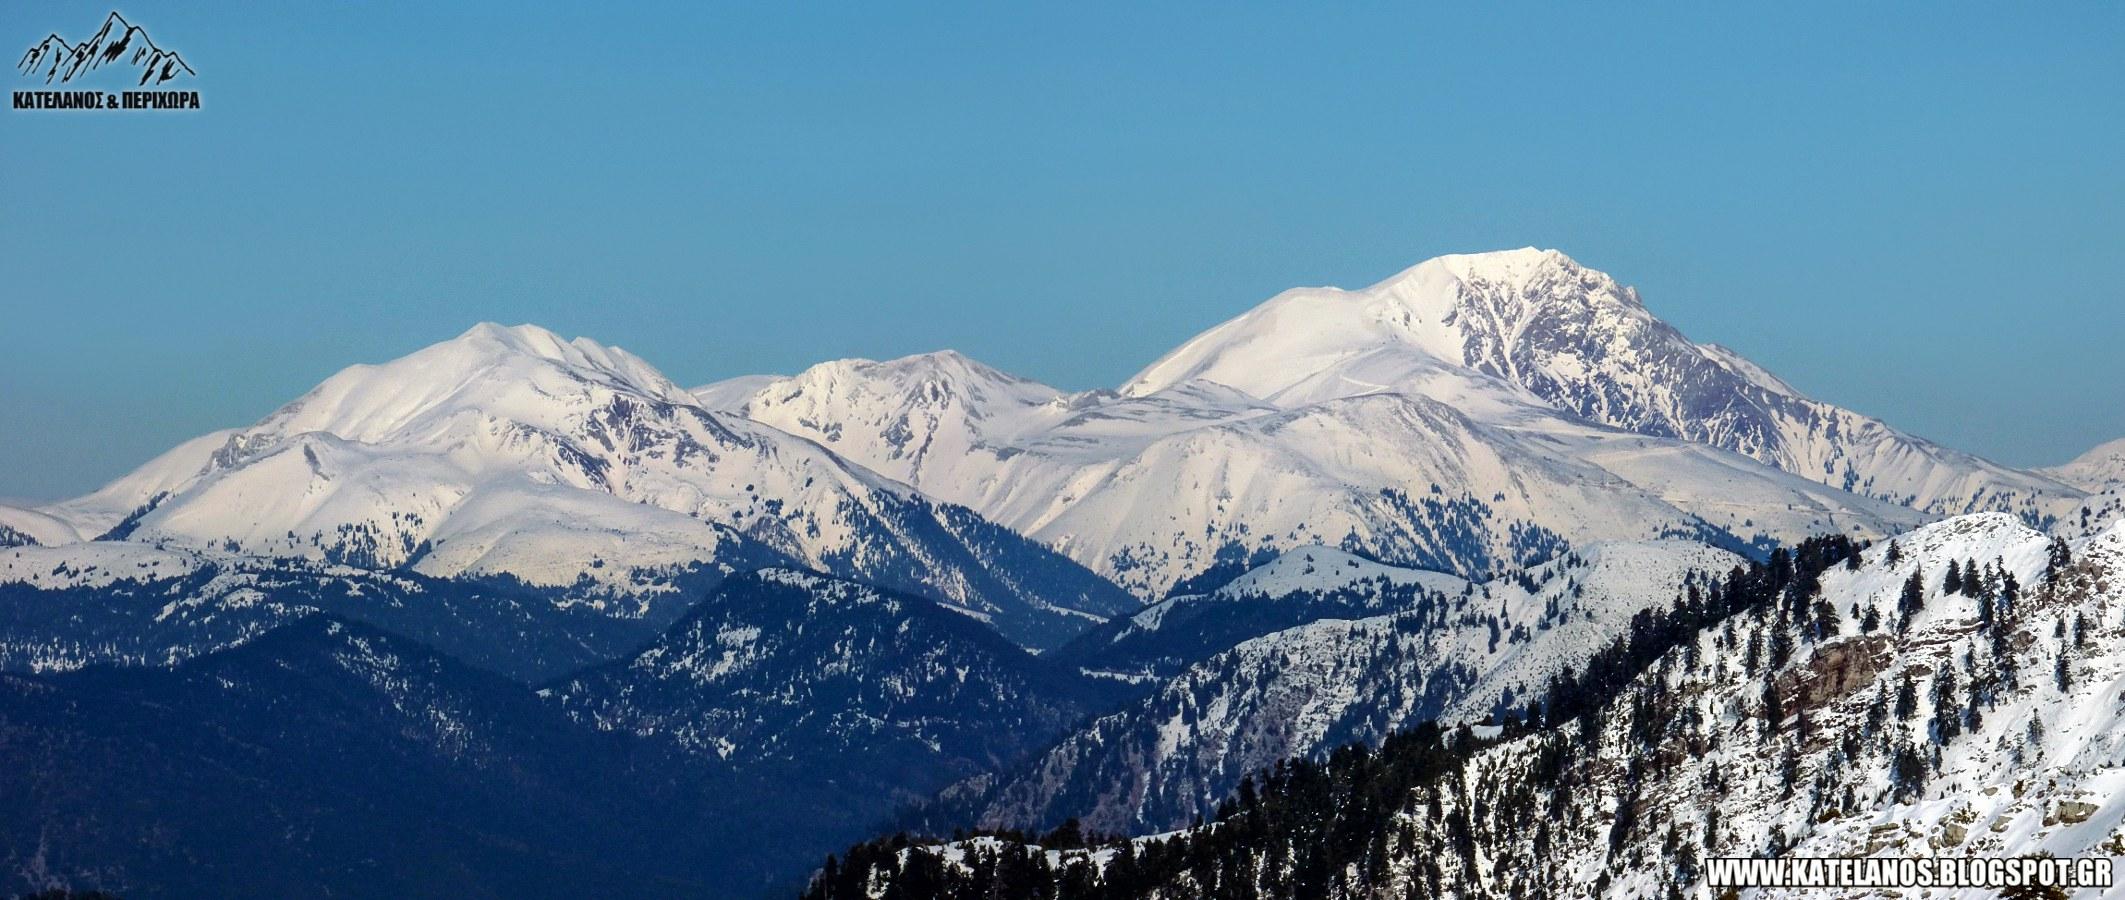 συμπεθερικο βελουχι τυμφρηστος ορος κορυφες χιονι χειμωνας